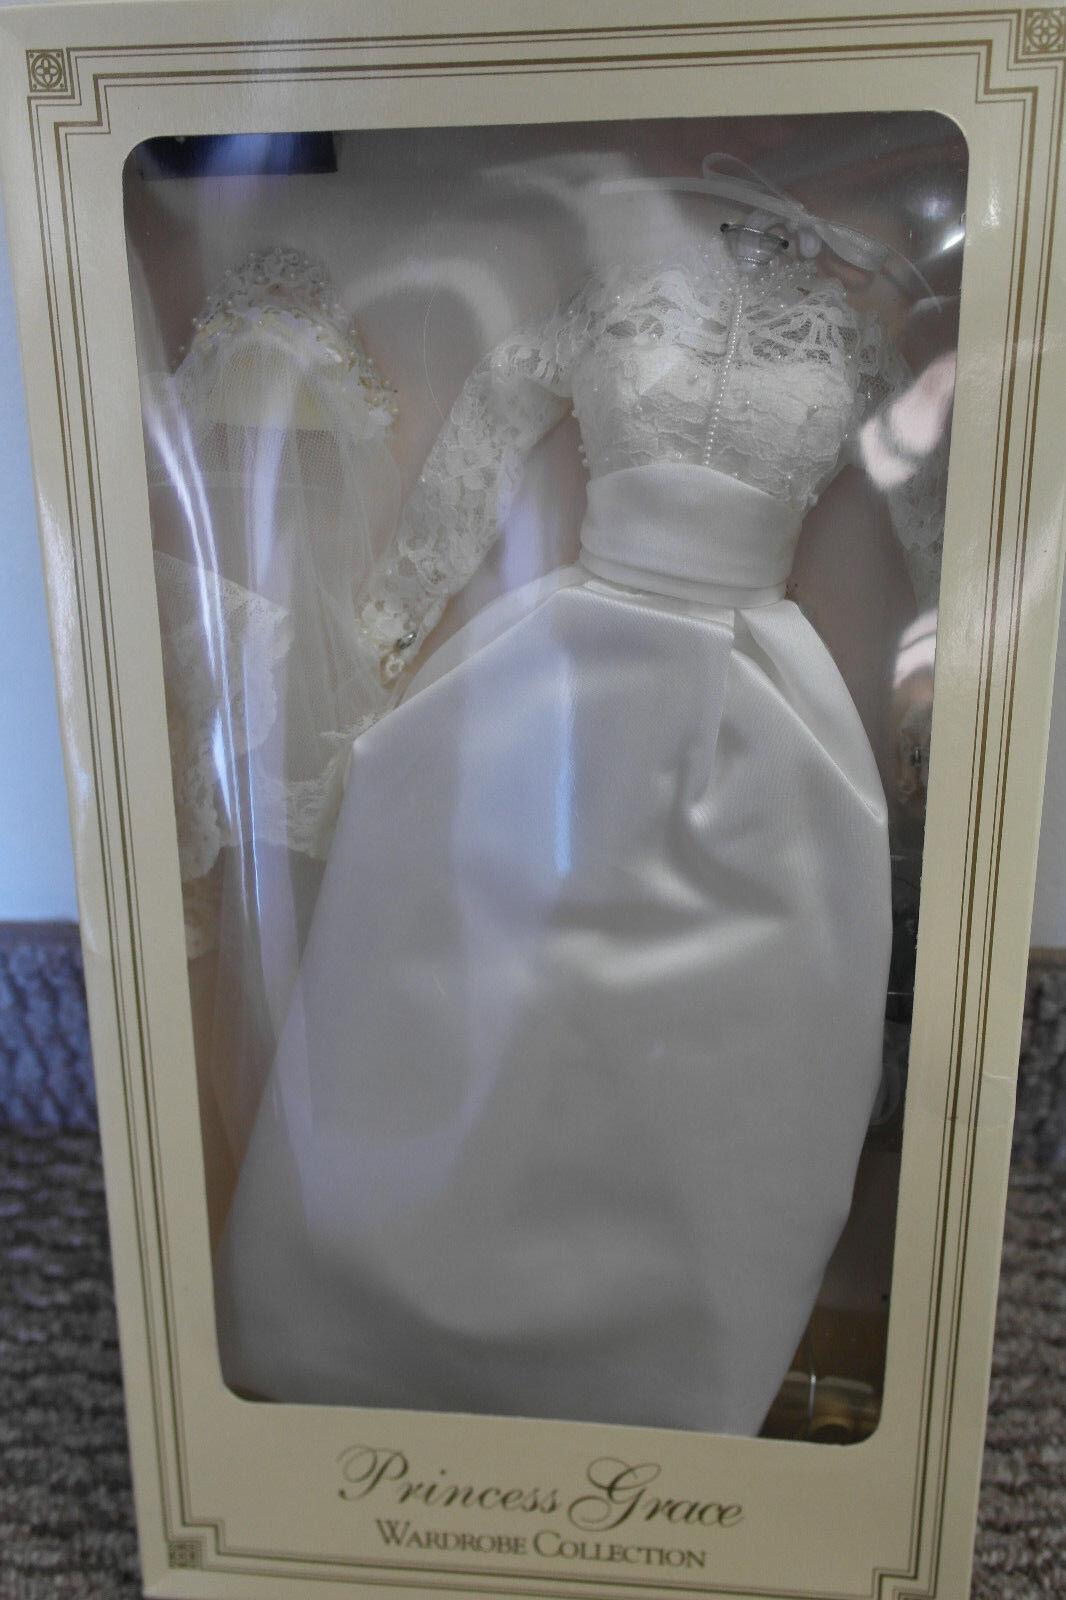 Franklin Mint Princesa Grace Vinilo Retrato de boda novia conjunto de menta en caja